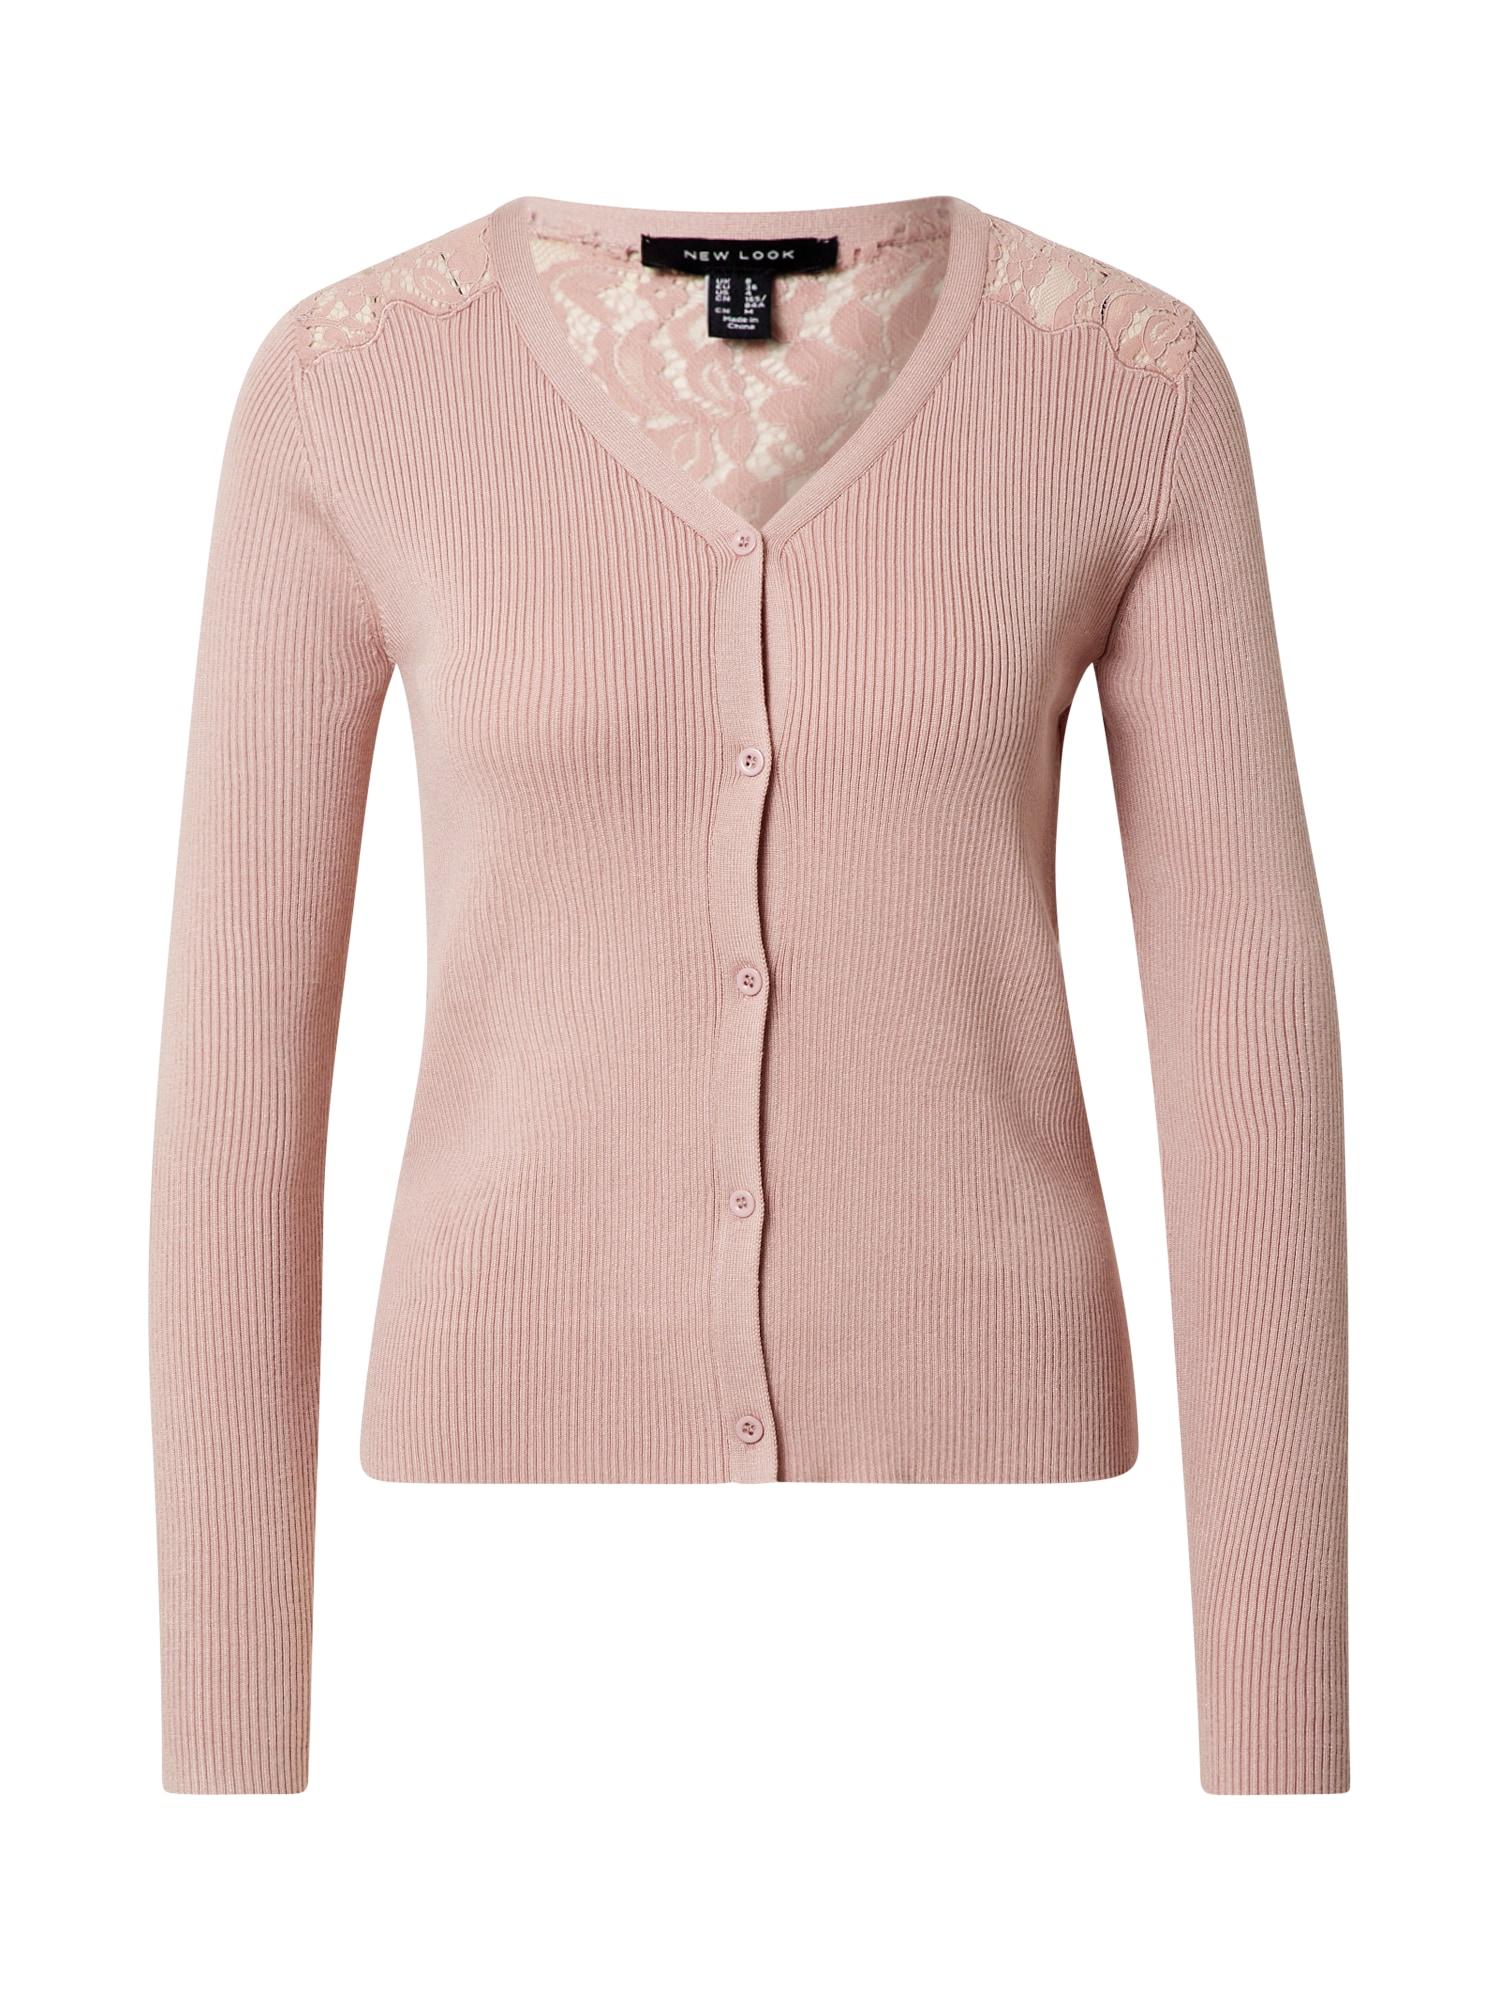 NEW LOOK Kardiganas ryškiai rožinė spalva